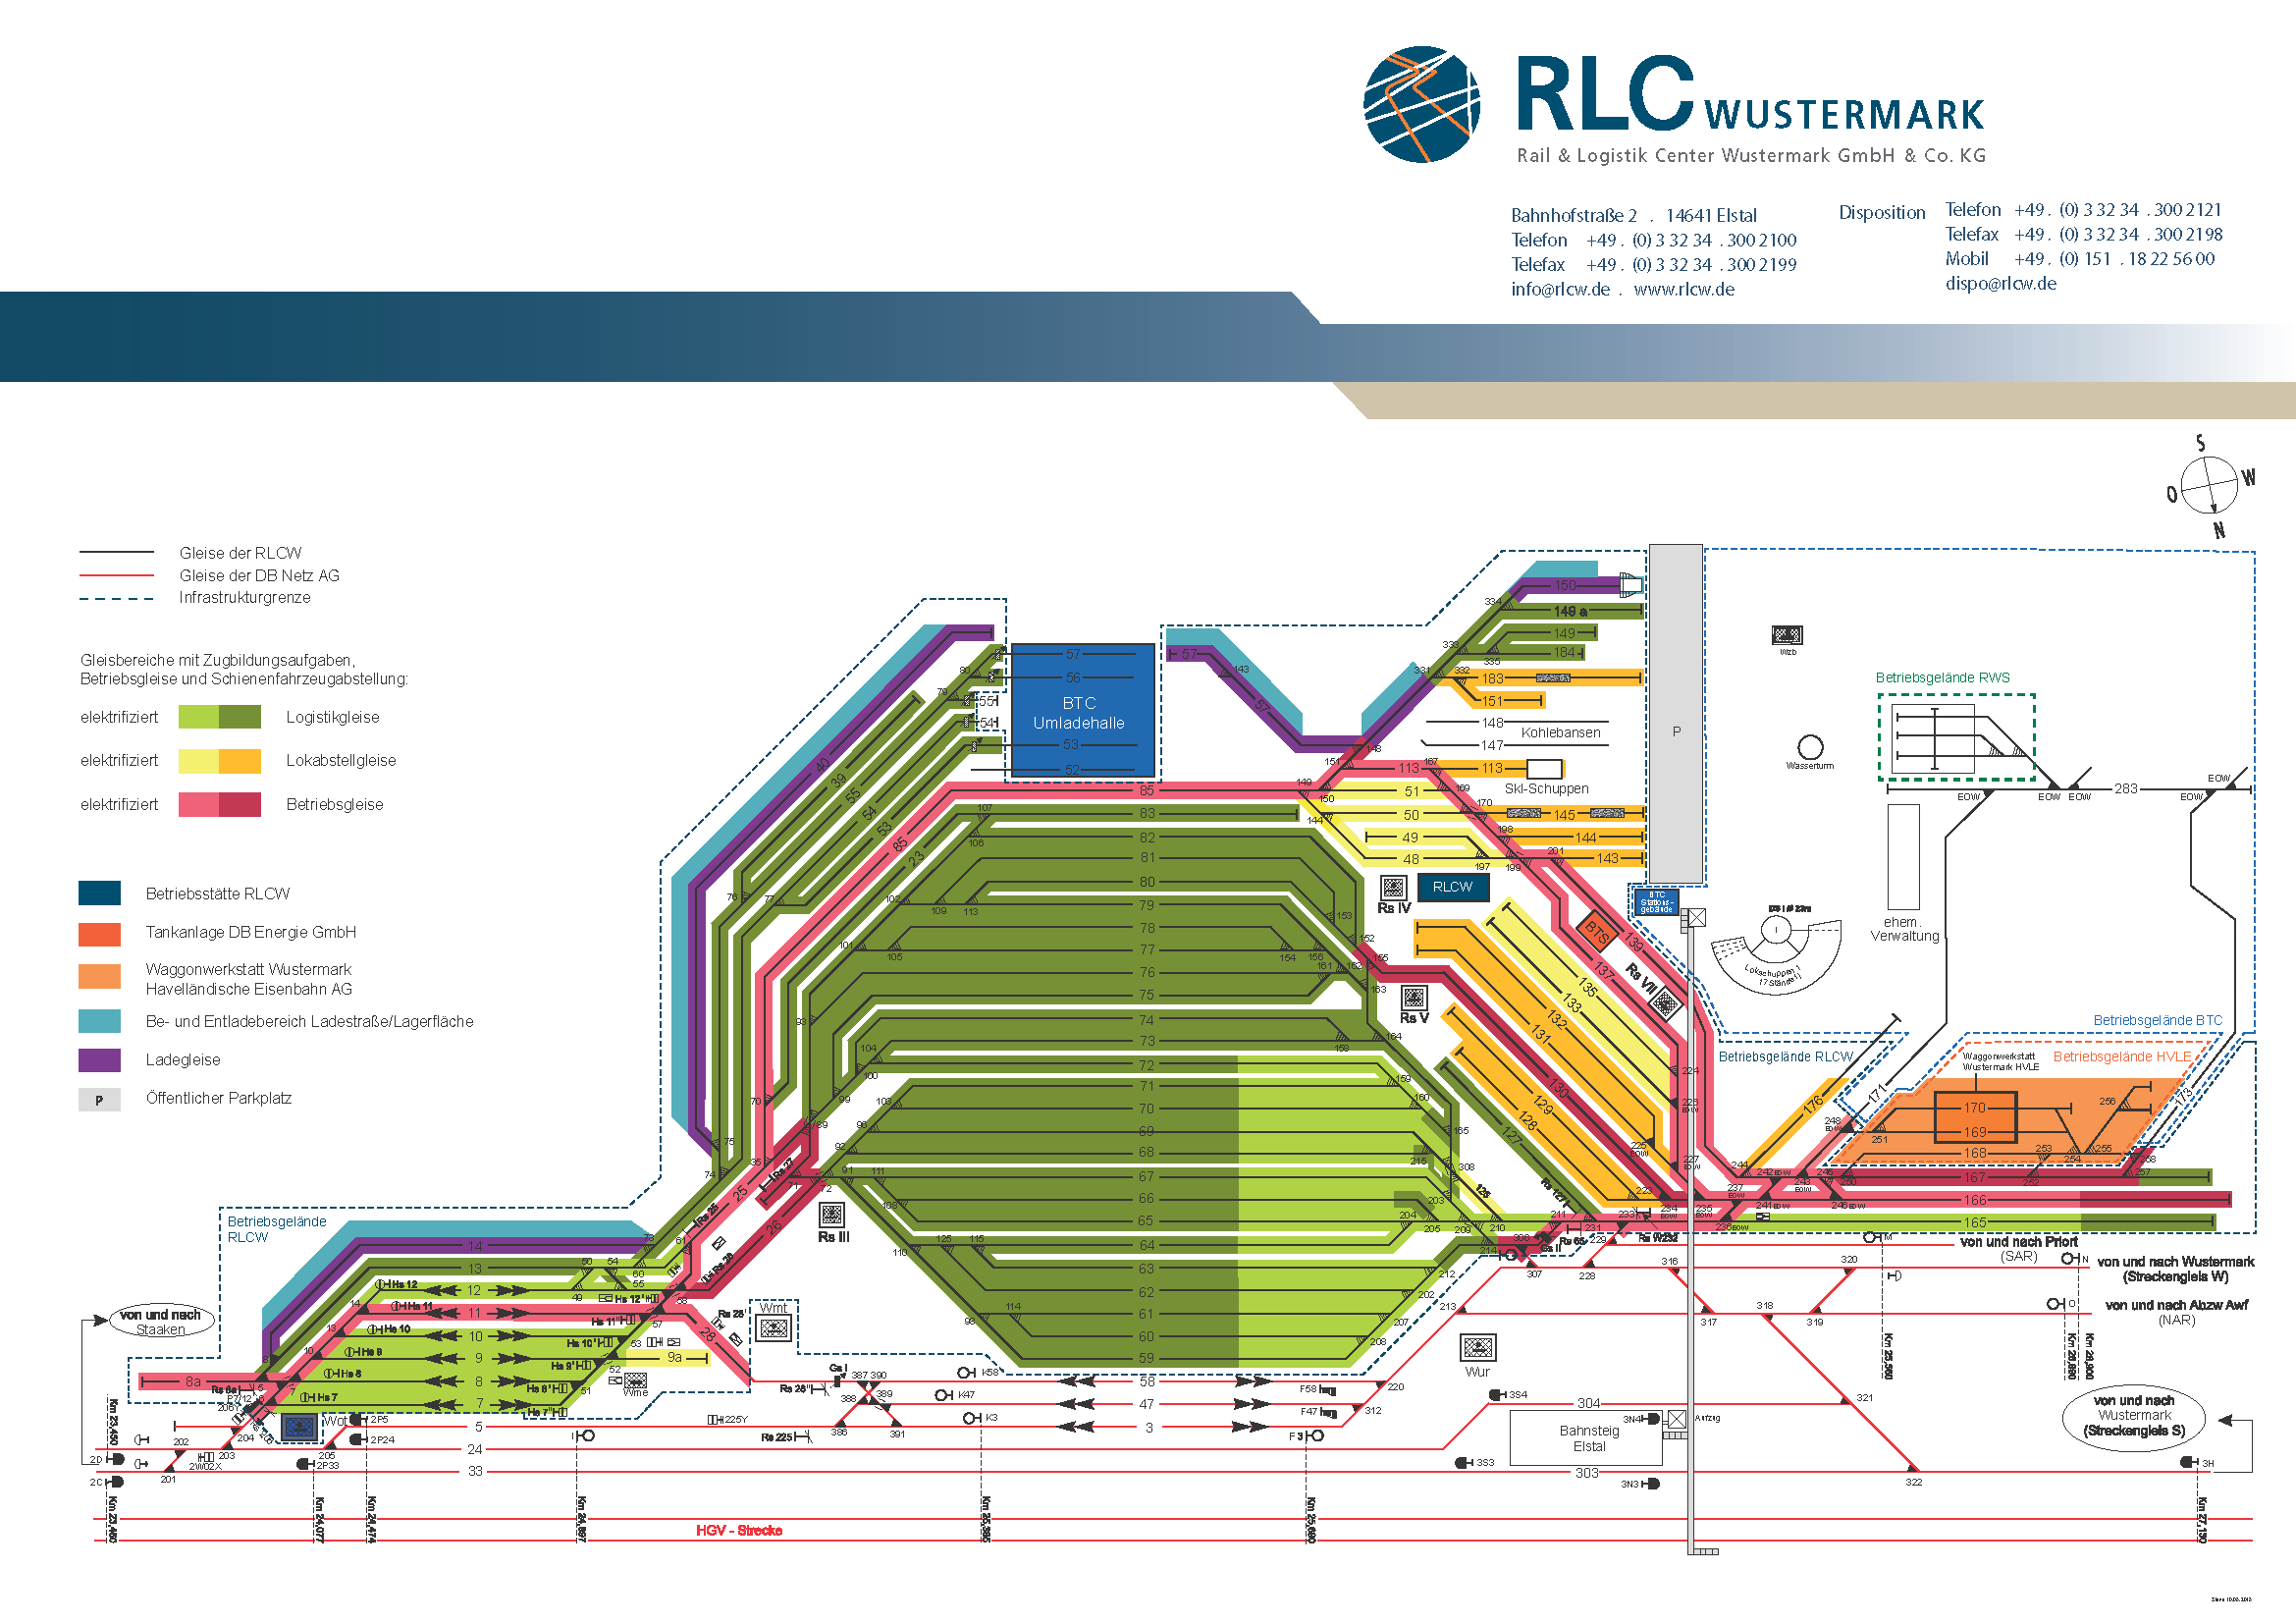 Gleisinfrastruktur am BTC Havelland